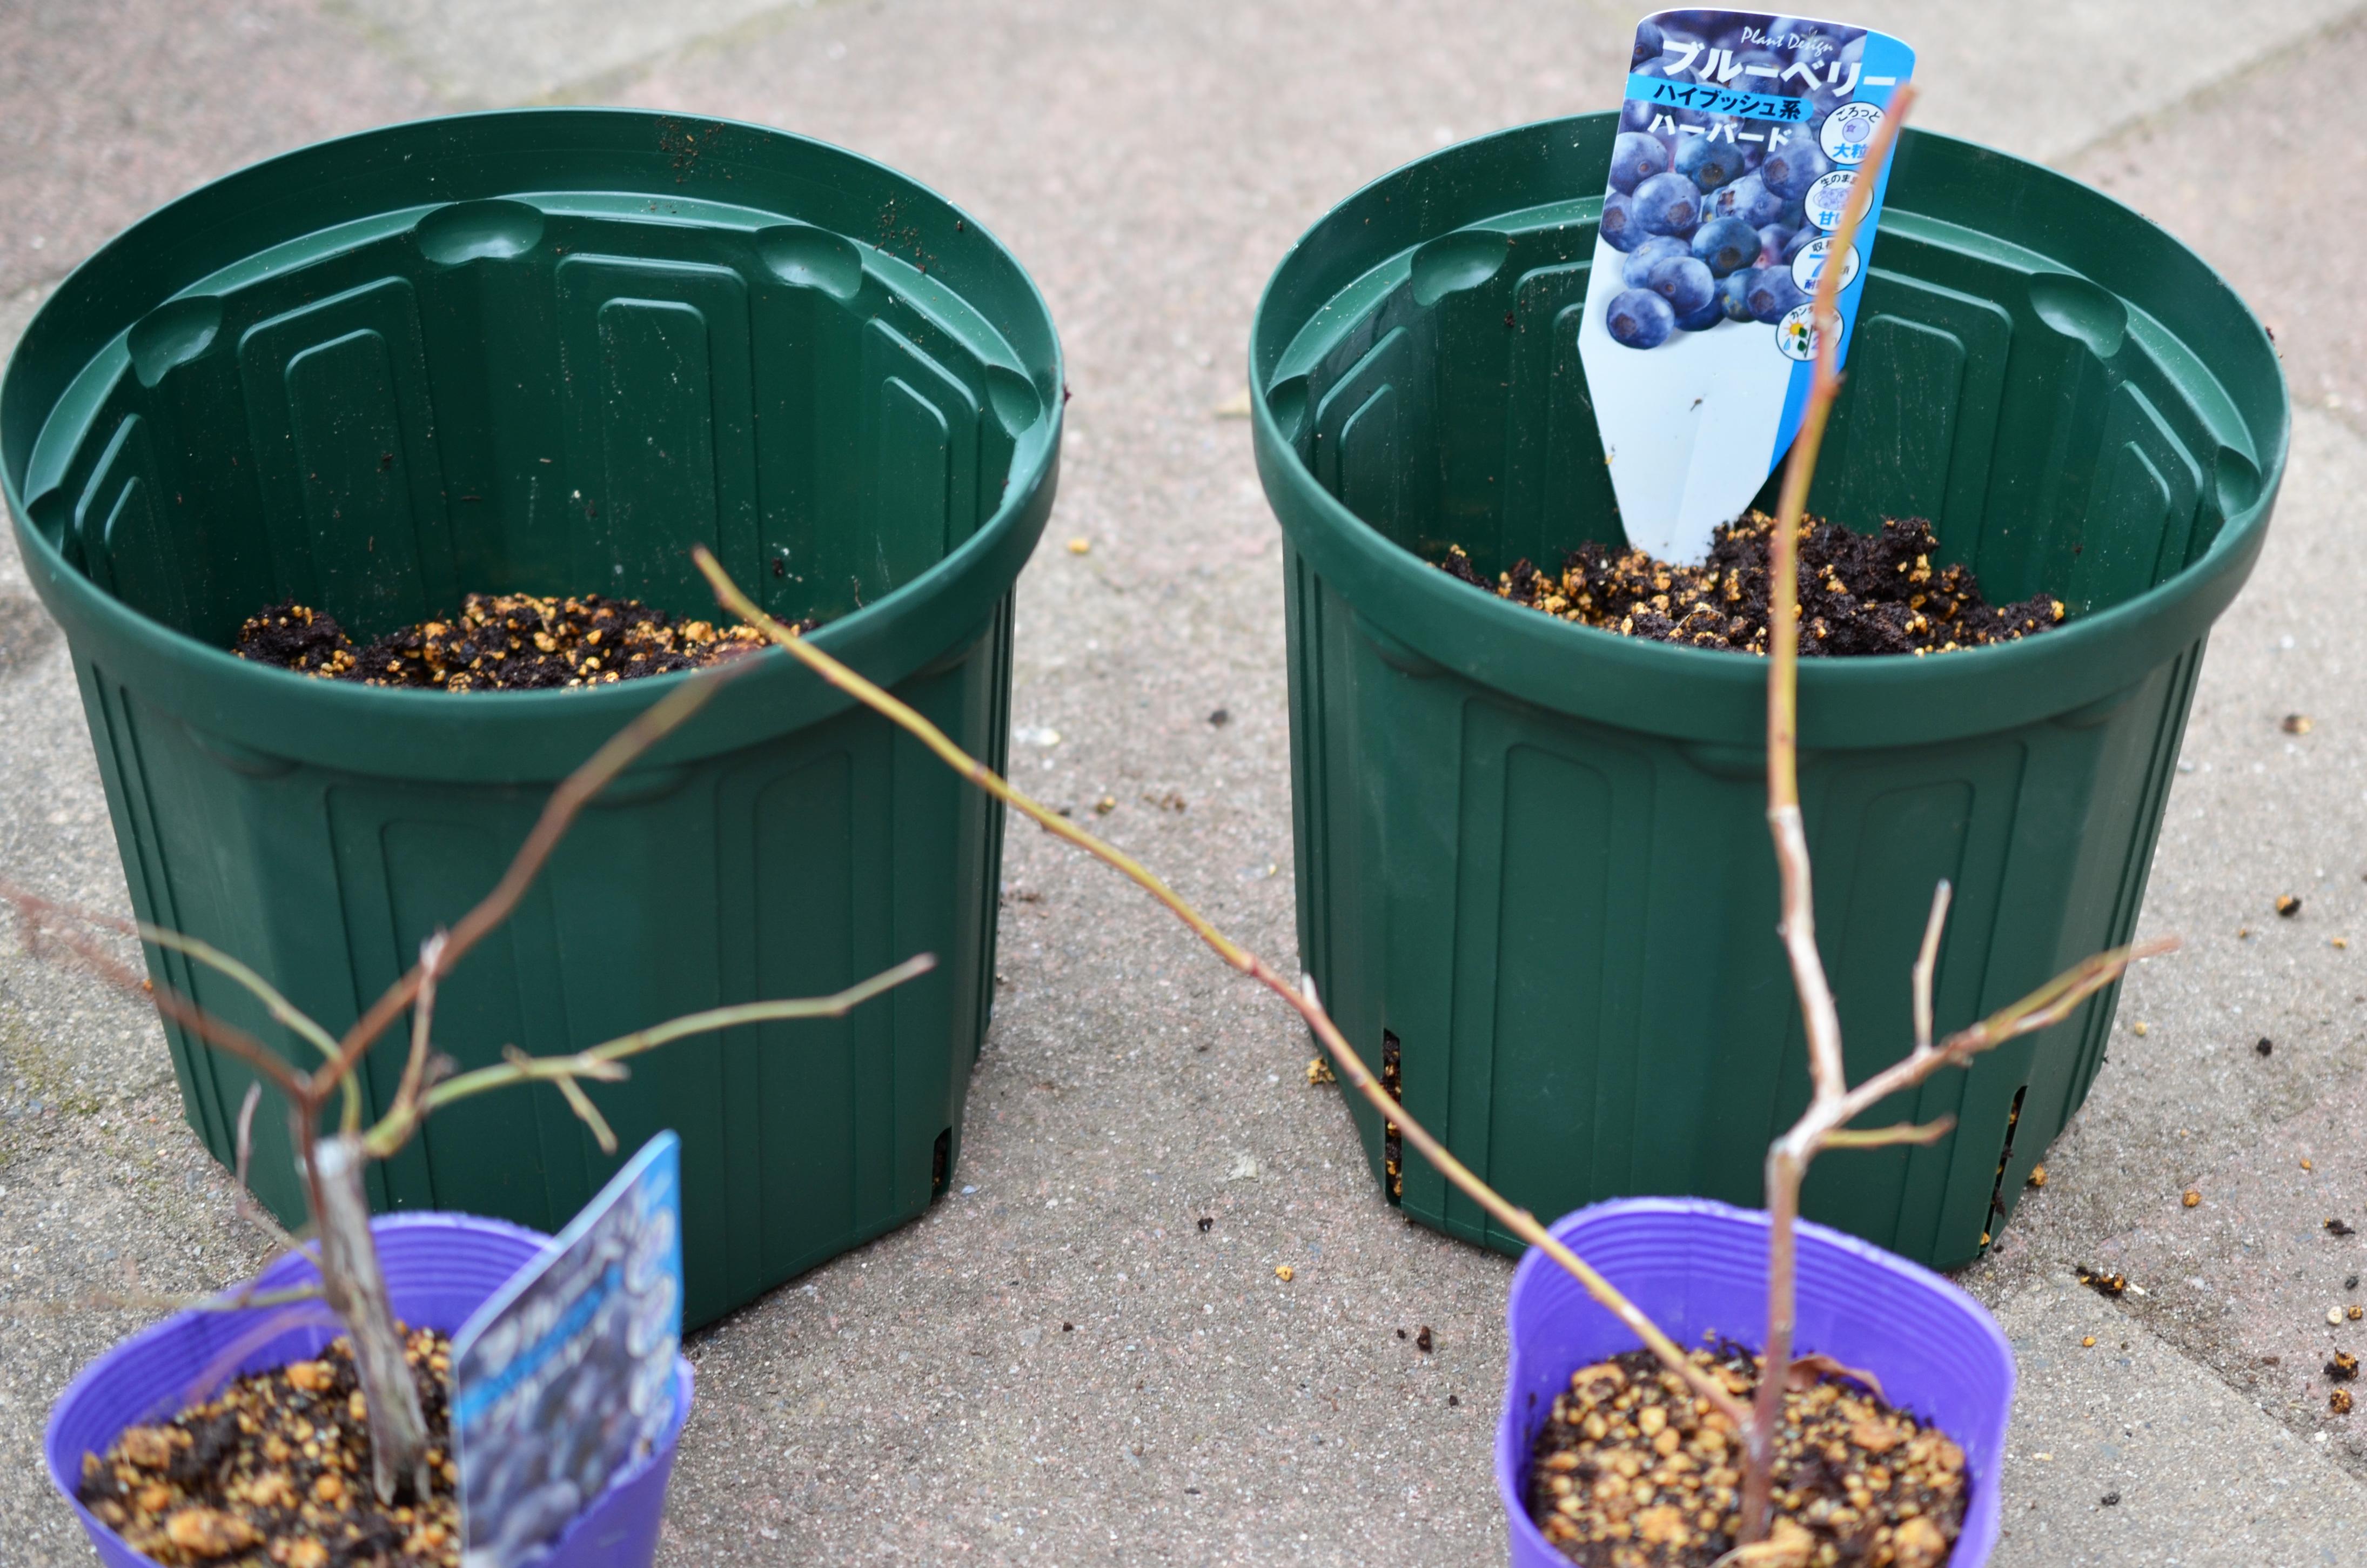 ここで一点だけ注意!  複数の苗を同時に植え付ける時にありがちなことなのですが、二本の品種タグを同時に取ってしまわないように注意しましょう!  どちらのタグだったかわからなくなると後々後悔することになります・・・(そんな私は経験者です。笑)  苗とタグは必ずセットで。一つの苗を植えつけた後に次の苗に移ることをオススメします。